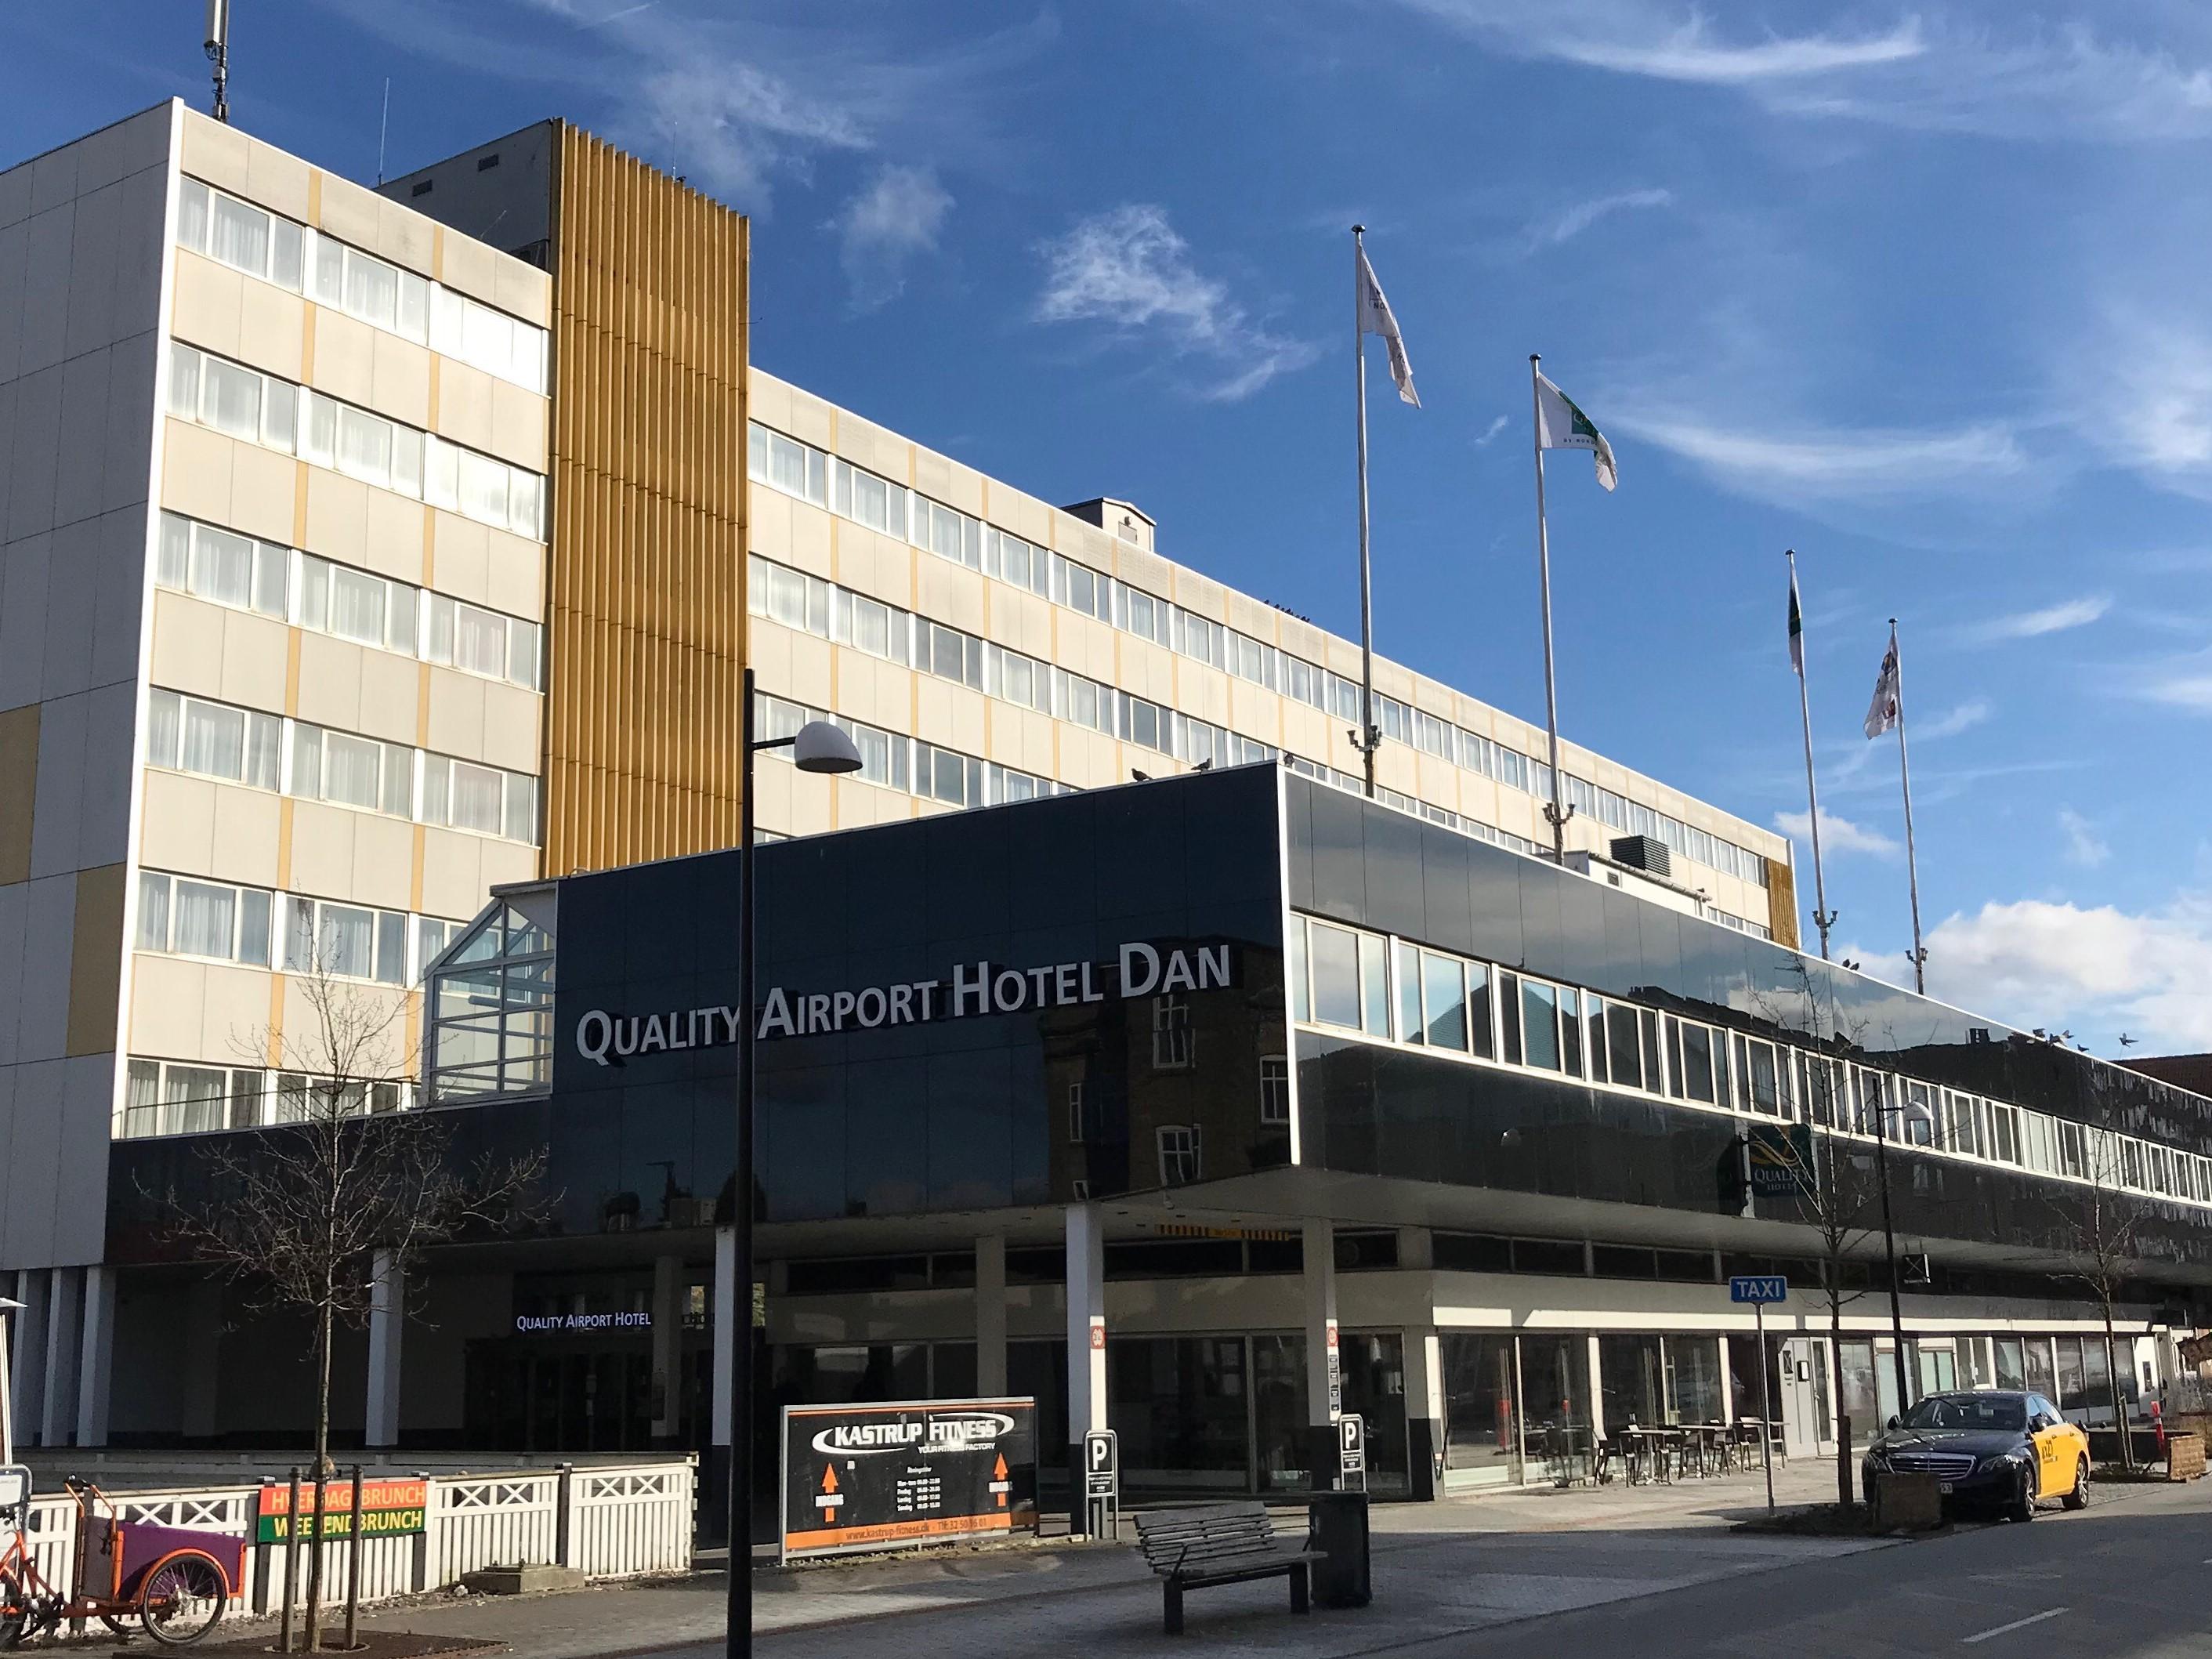 Quality Airport Hotel Dan med 240 værelser ved Københavns Lufthavn skal renoveres for tæt på 40 millioner kroner. Foto: Core Hospitality.